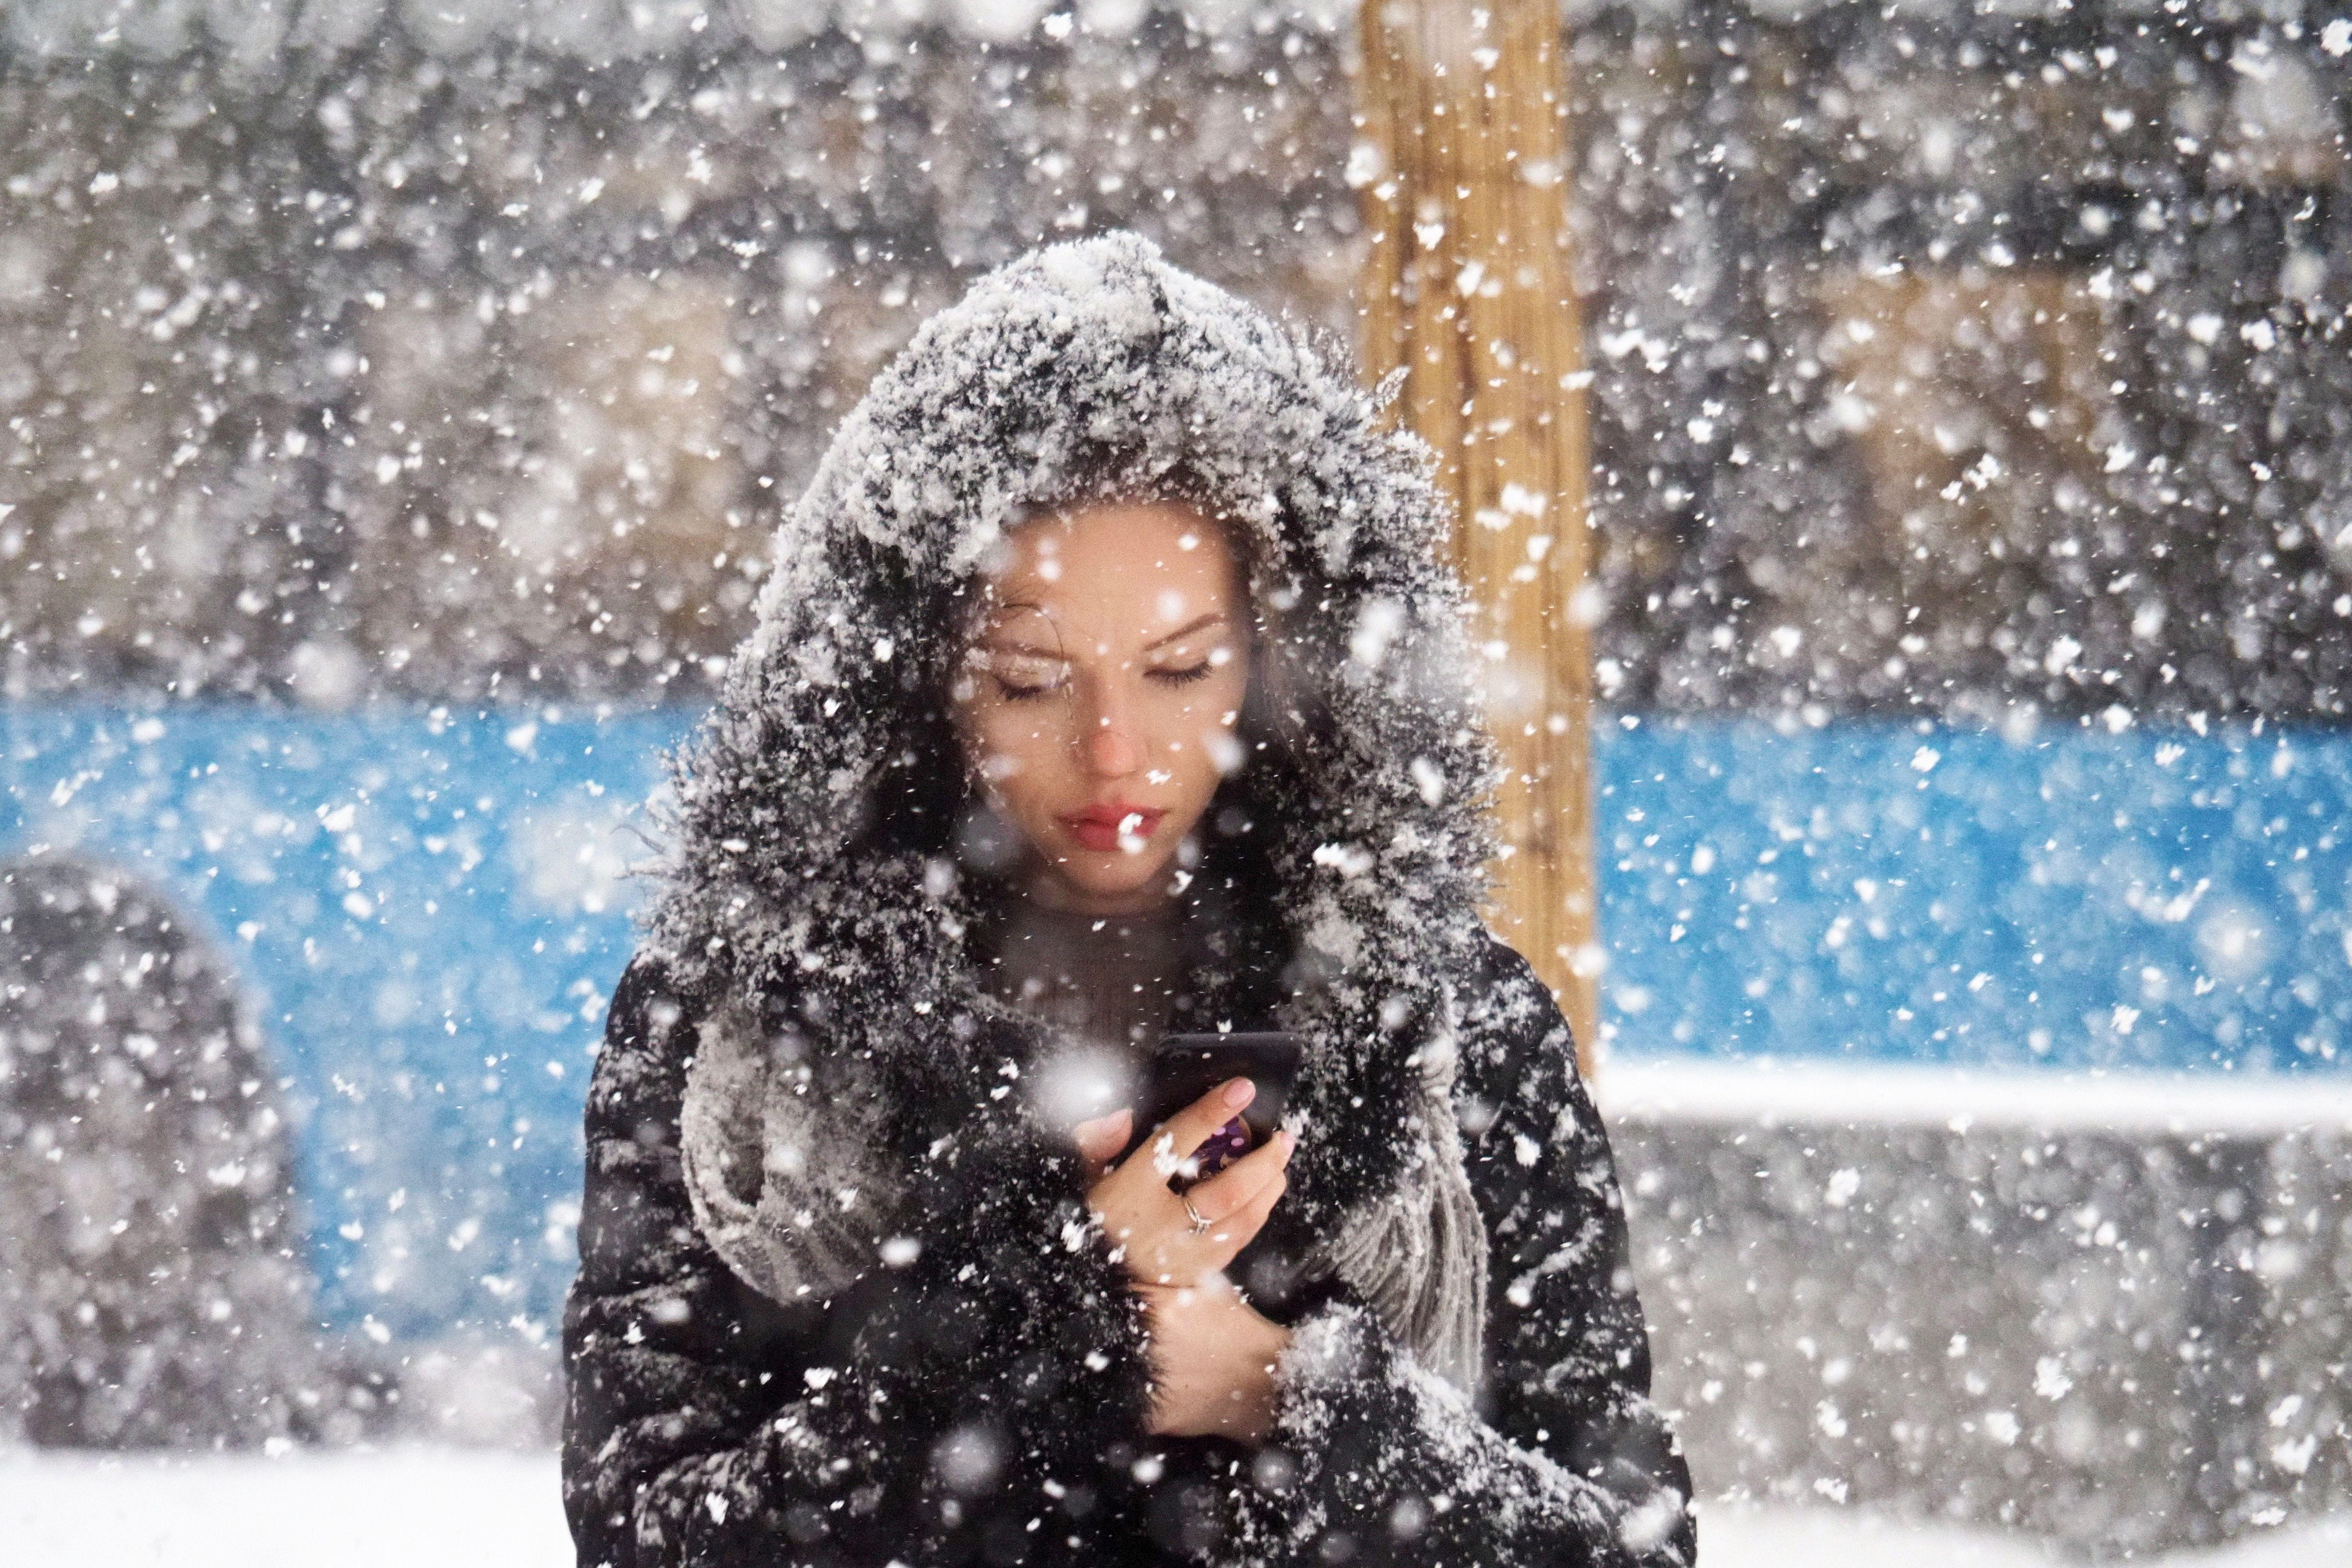 Синоптики назвали ночь 22 января самой холодной в Москве